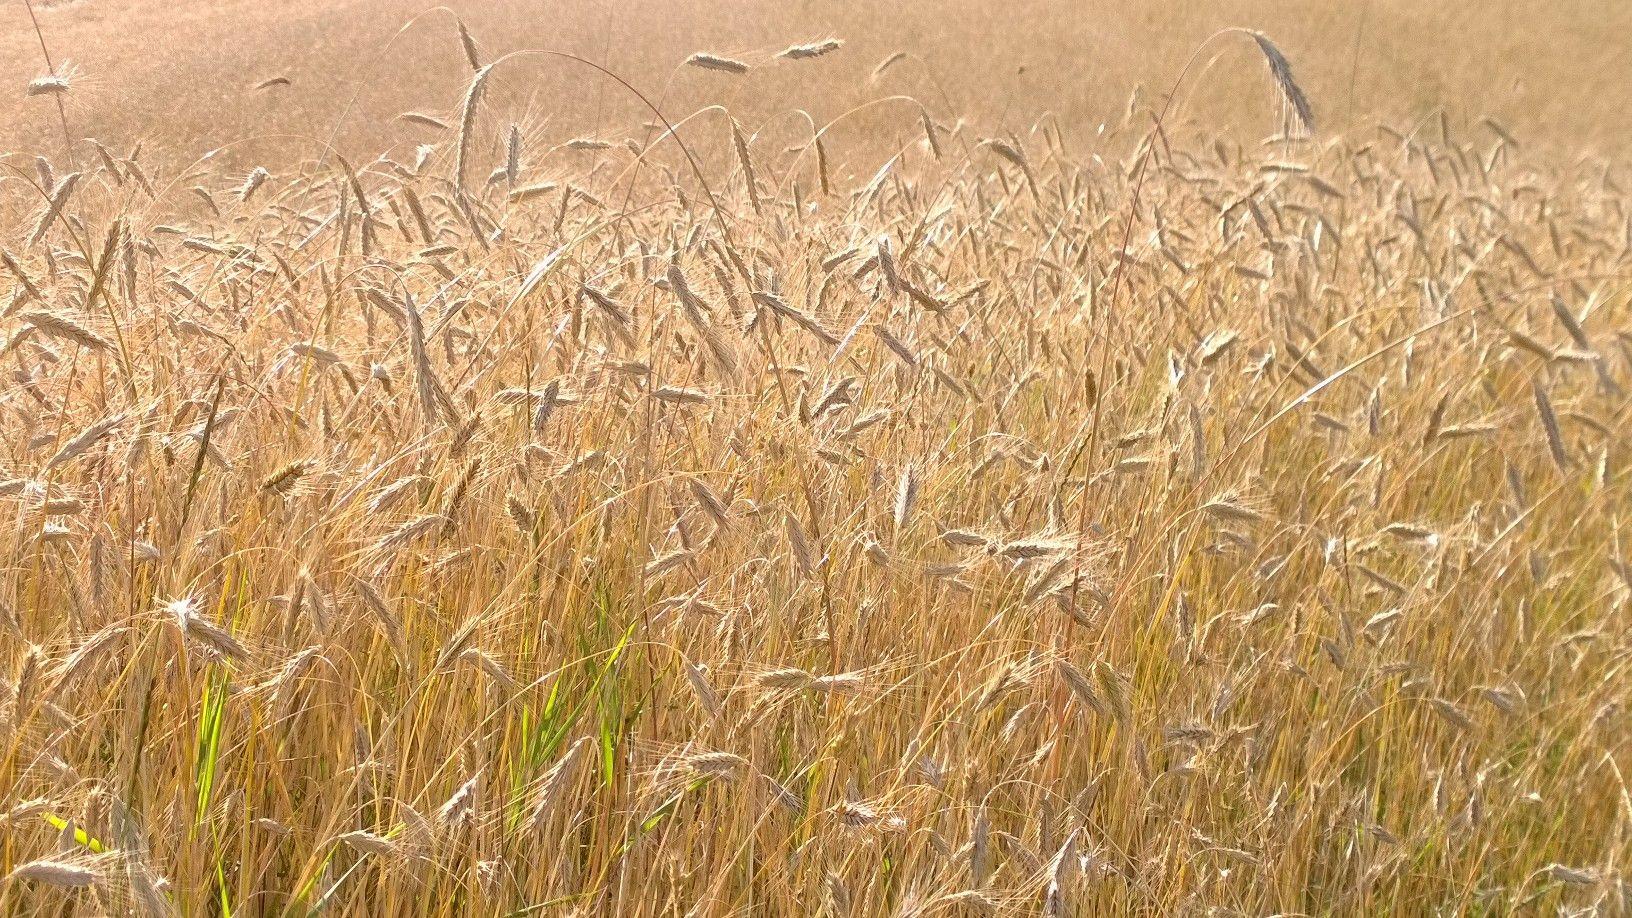 Suvelõpu kuldsed hetked. Foto: Kylauudis.ee